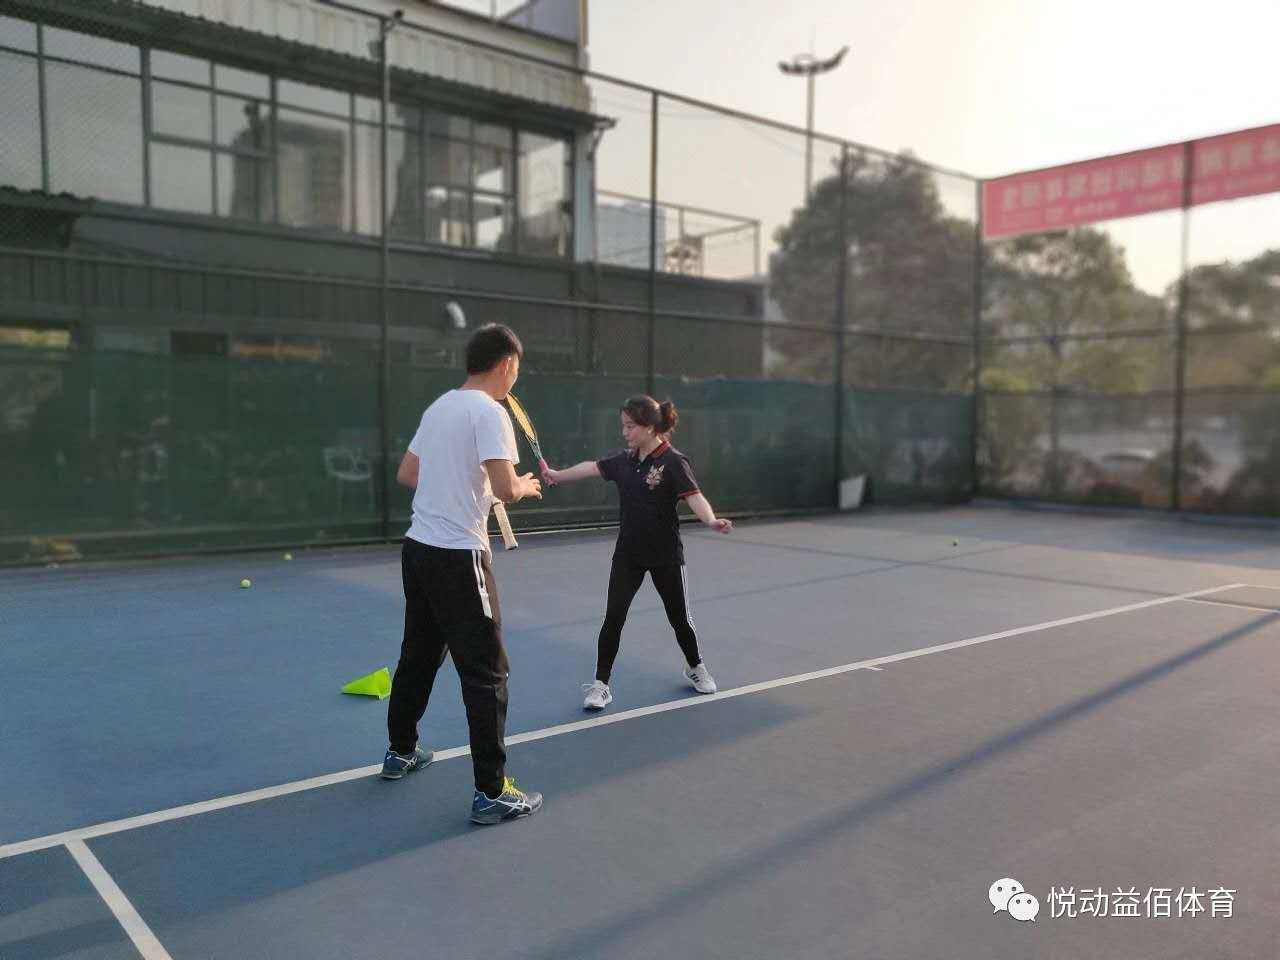 成人私教网球培训